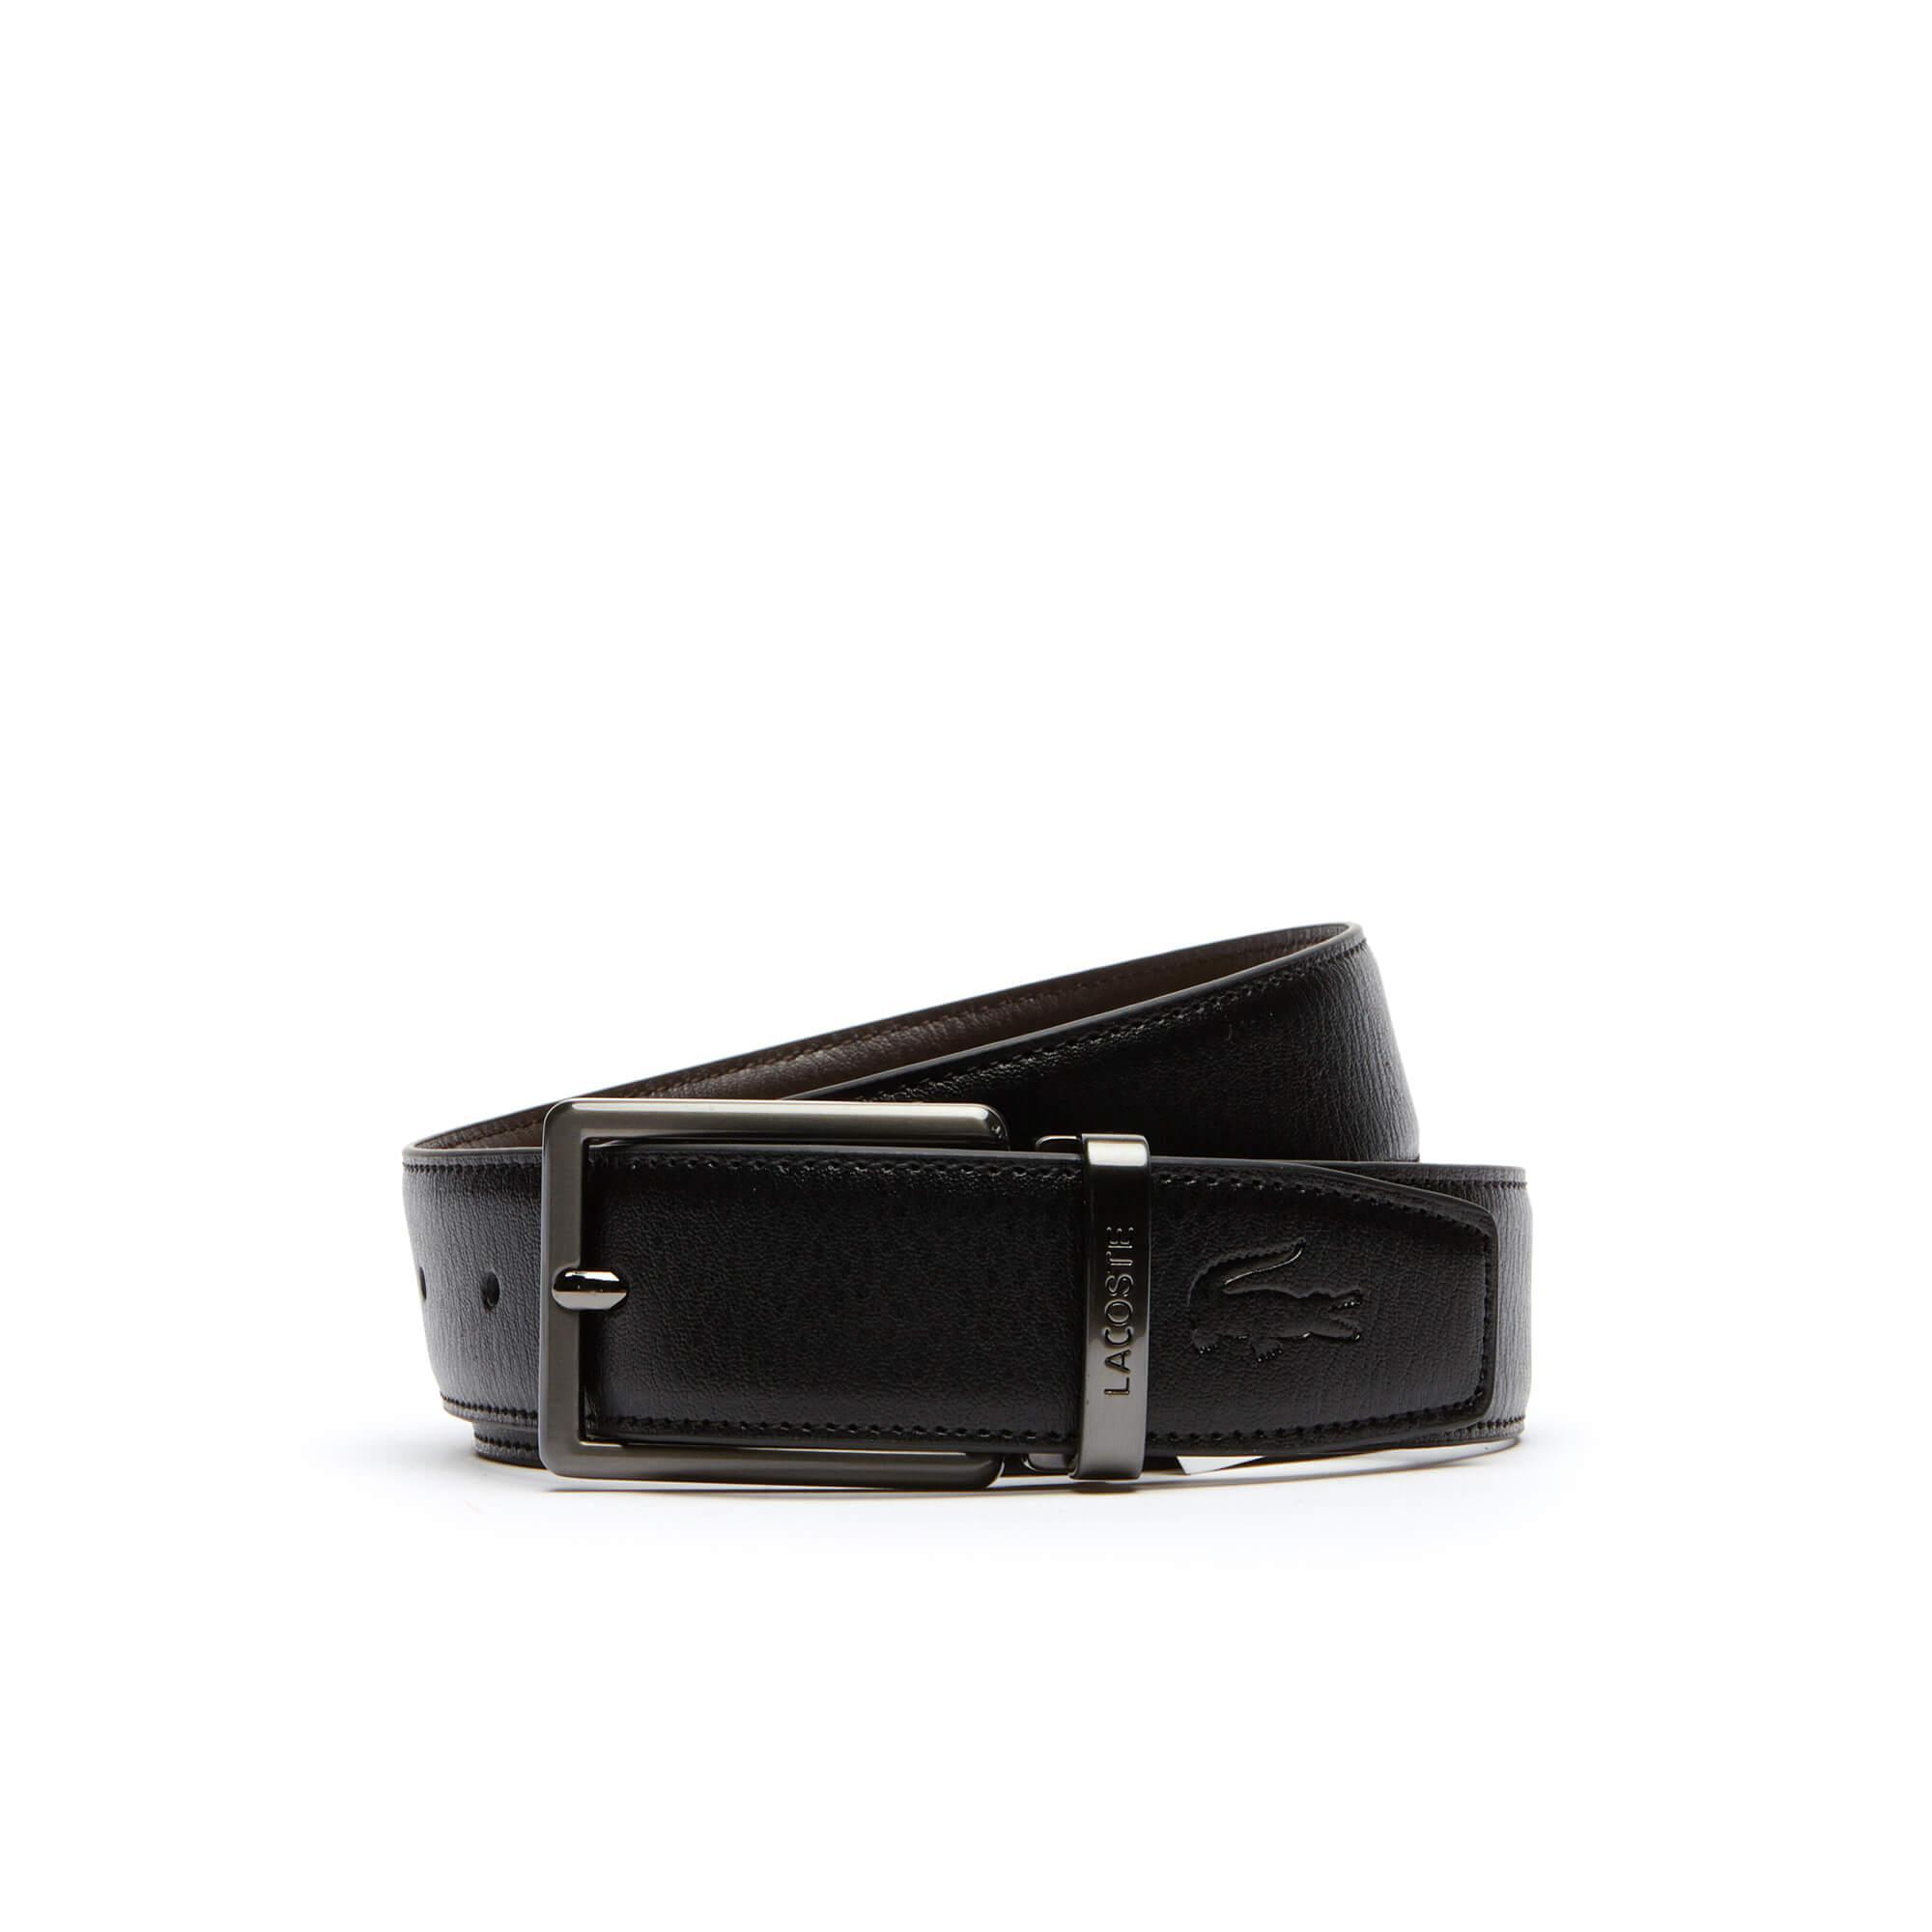 Lacoste Men's Belts